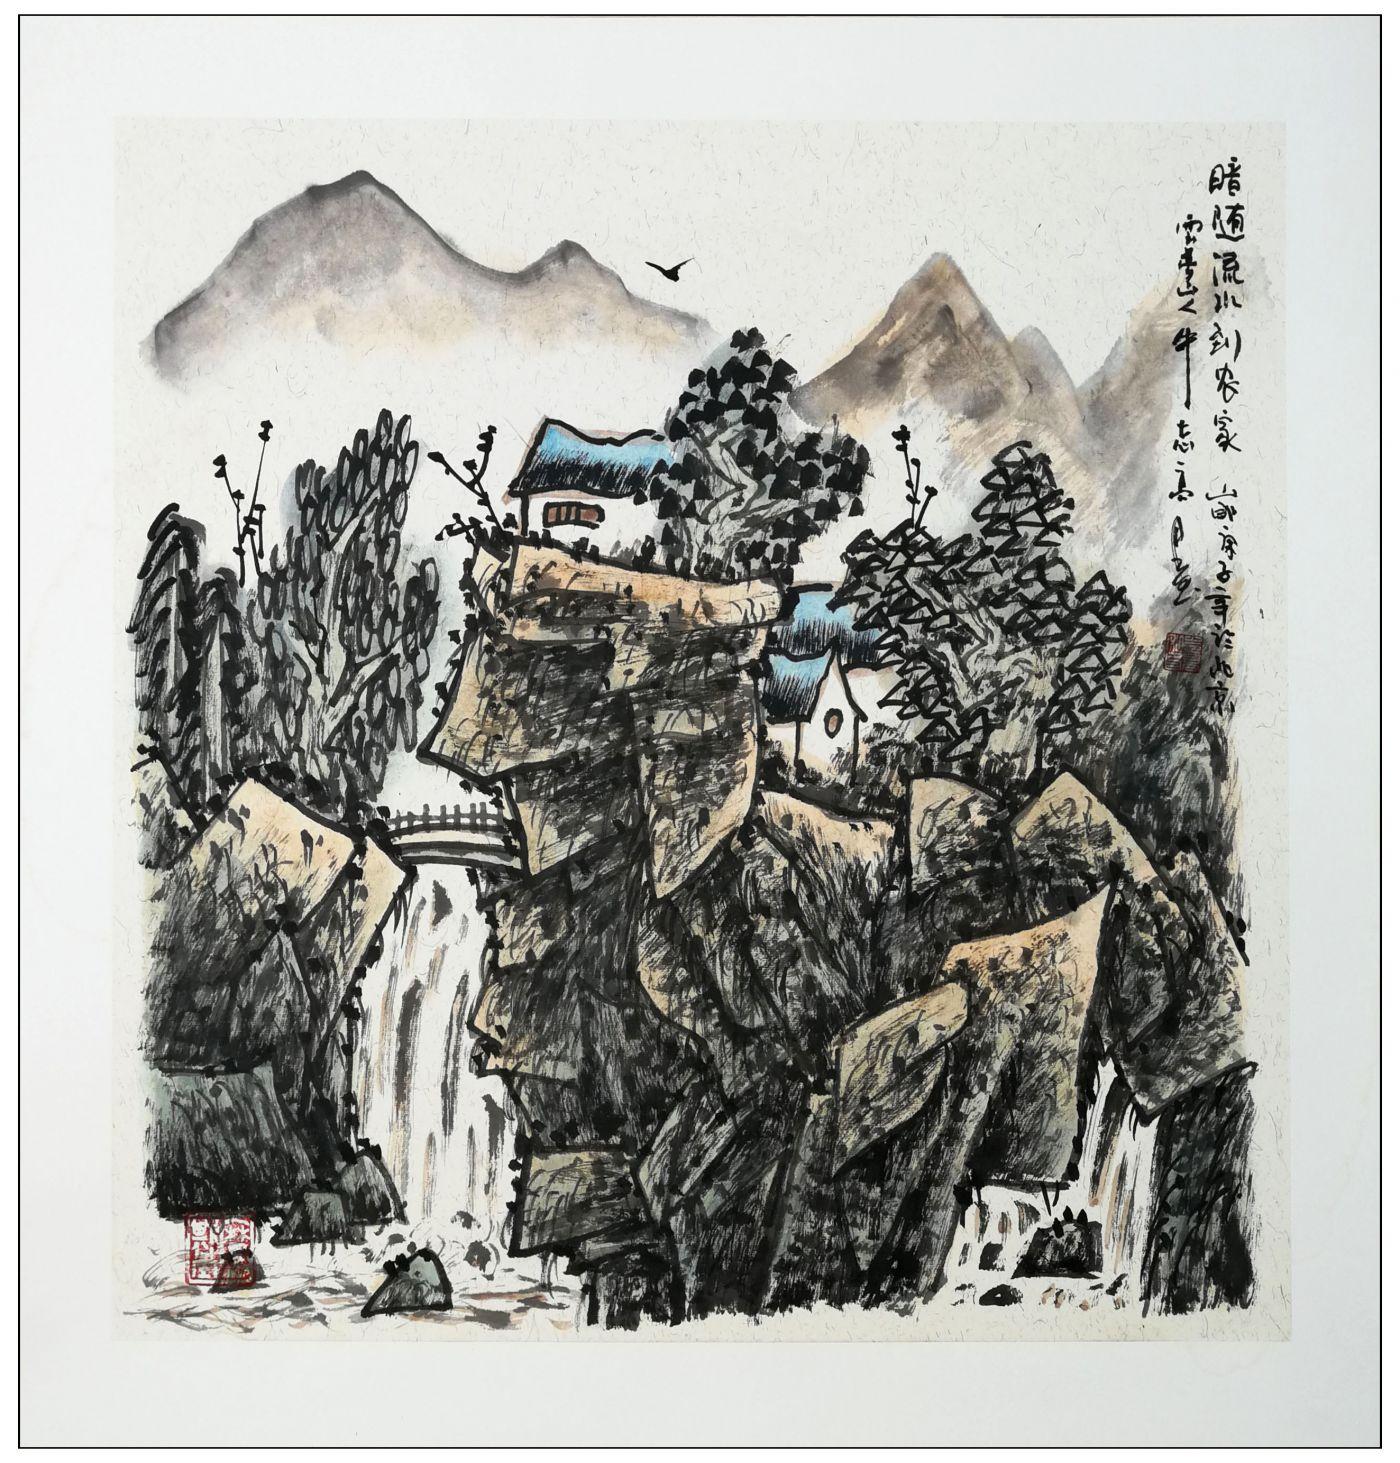 牛志高2020山水画新作-----2020.07.05_图1-7